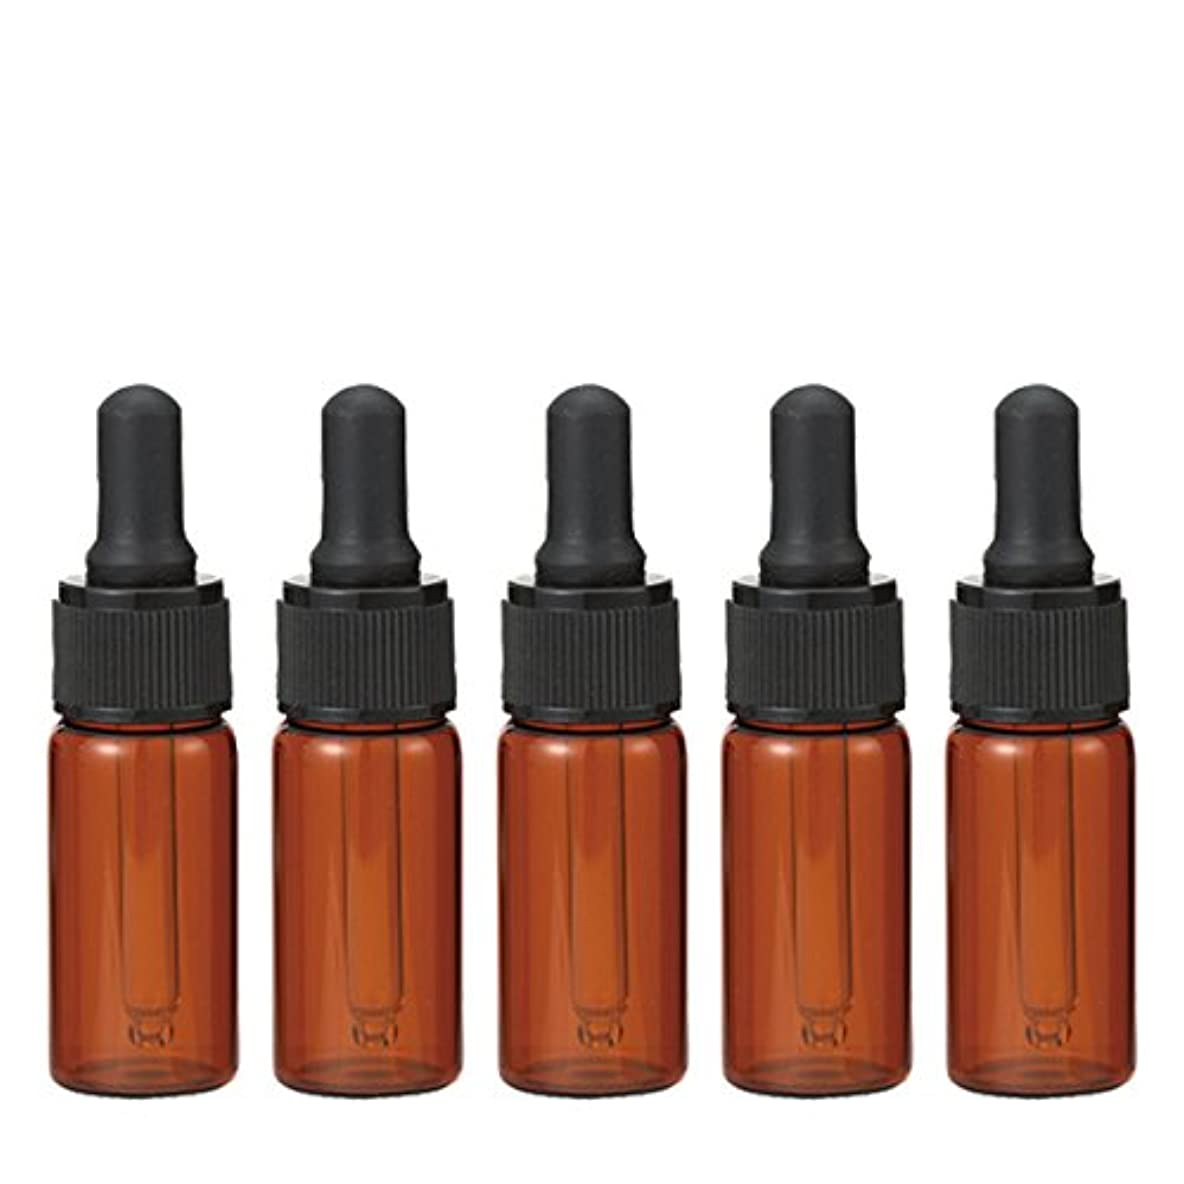 開始うまくいけば欠乏生活の木 茶色遮光スポイト瓶 10ml (5本セット)